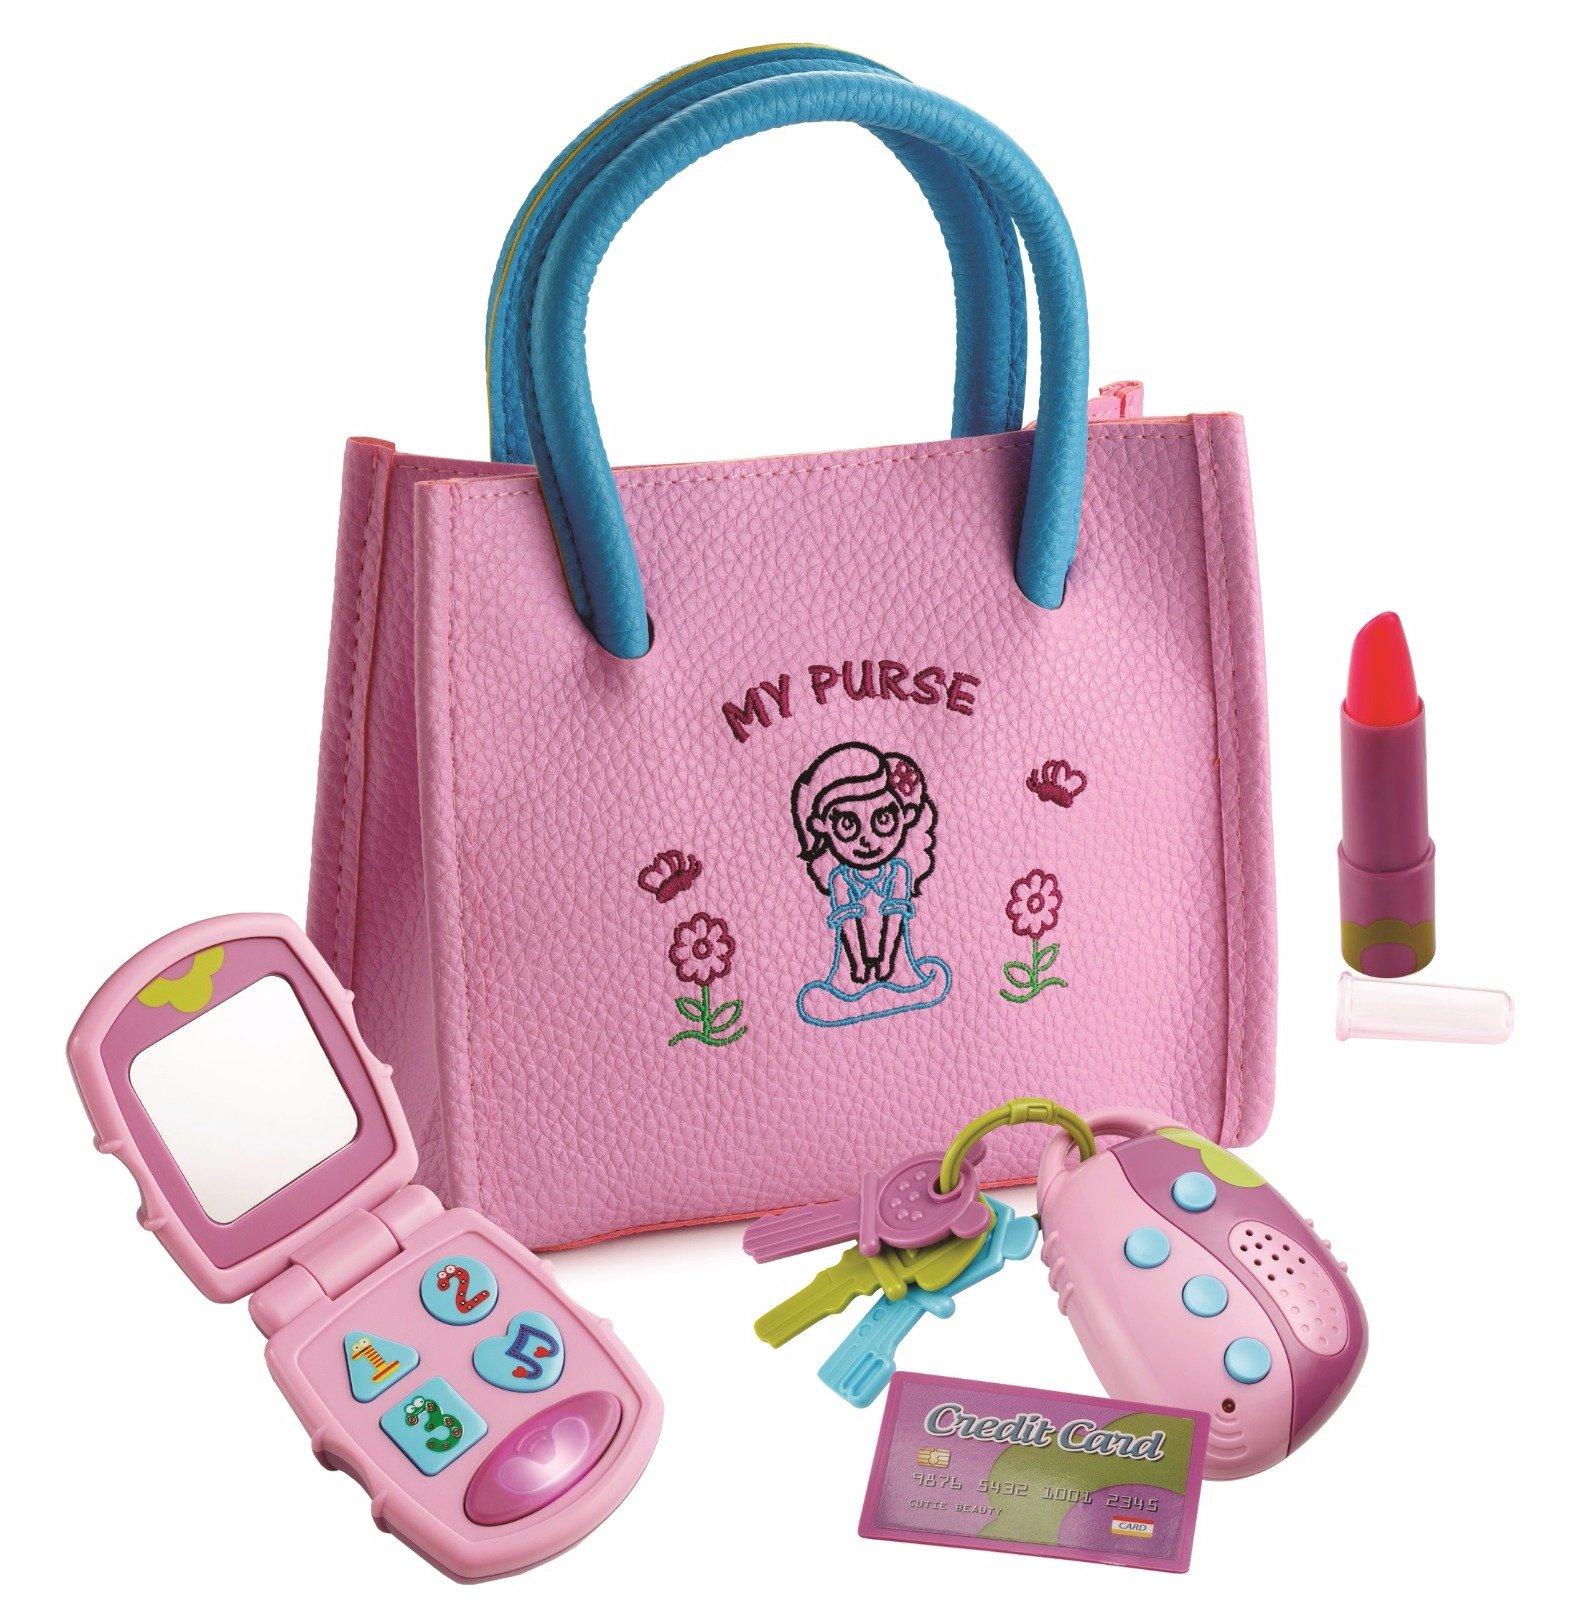 Playkidz My First Purse - 假装游戏公主套装带手提包、翻转手机、发光遥控钥匙、玩唇膏和儿童信用卡 - 非常有趣和学习的教育玩具